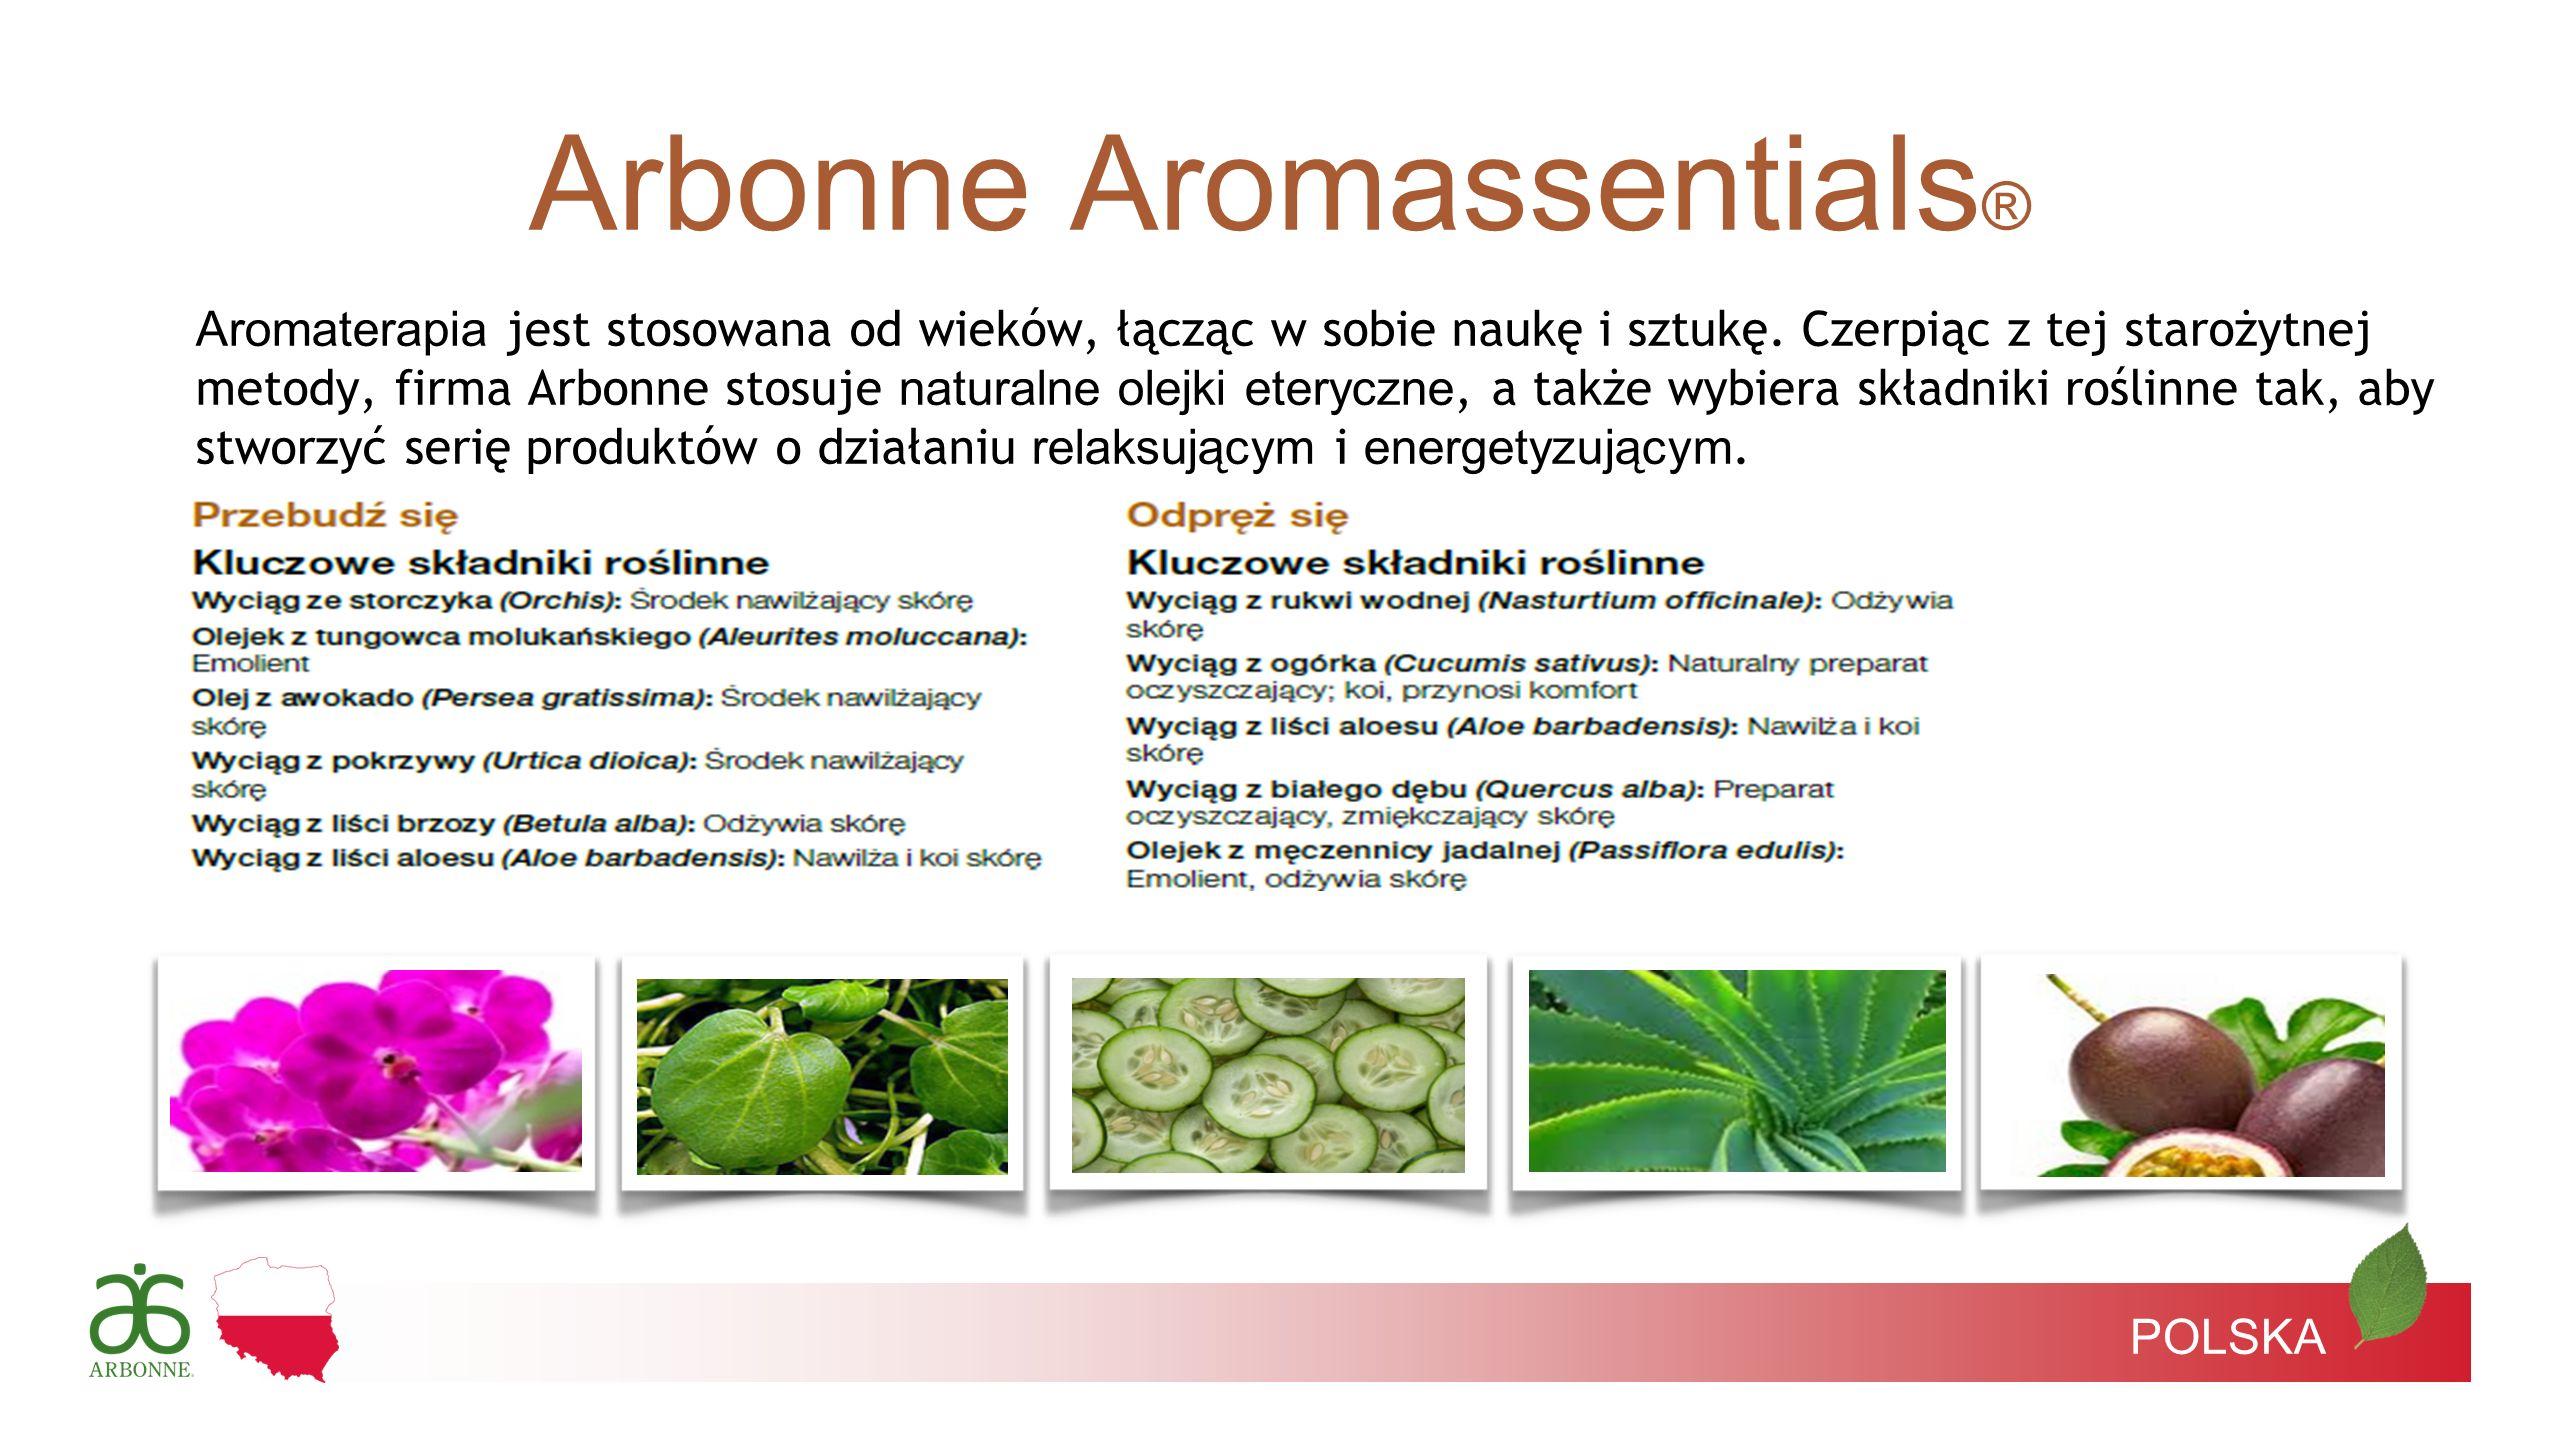 Arbonne Aromassentials®